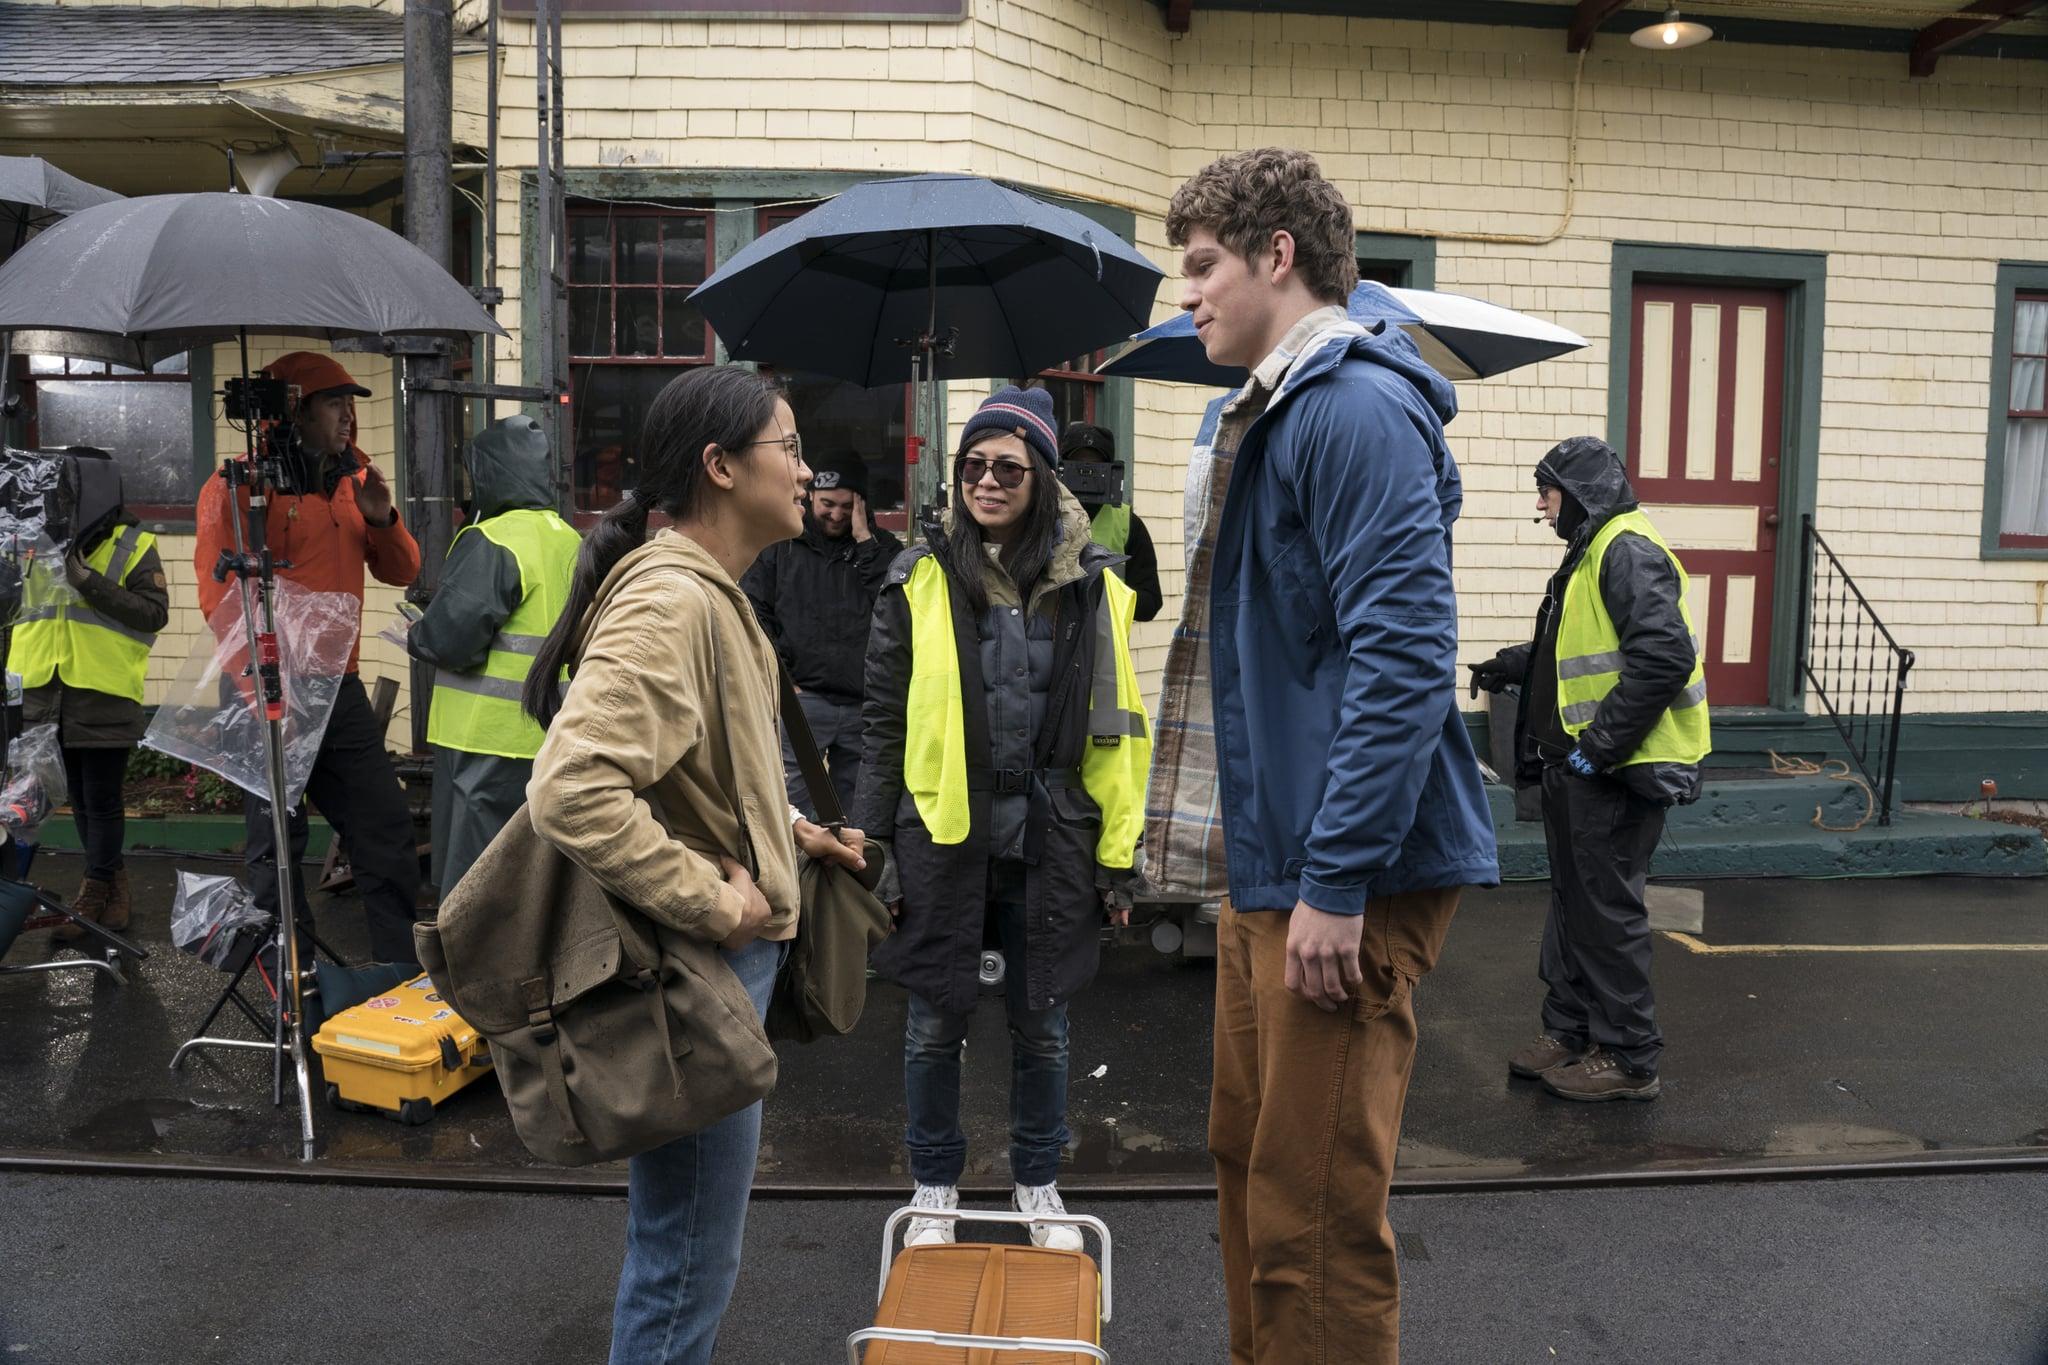 La moitié de celui-ci - Leah Lewis, réalisateur Alice Wu, Daniel Diemer - Crédit photo: Netflix / KC Bailey